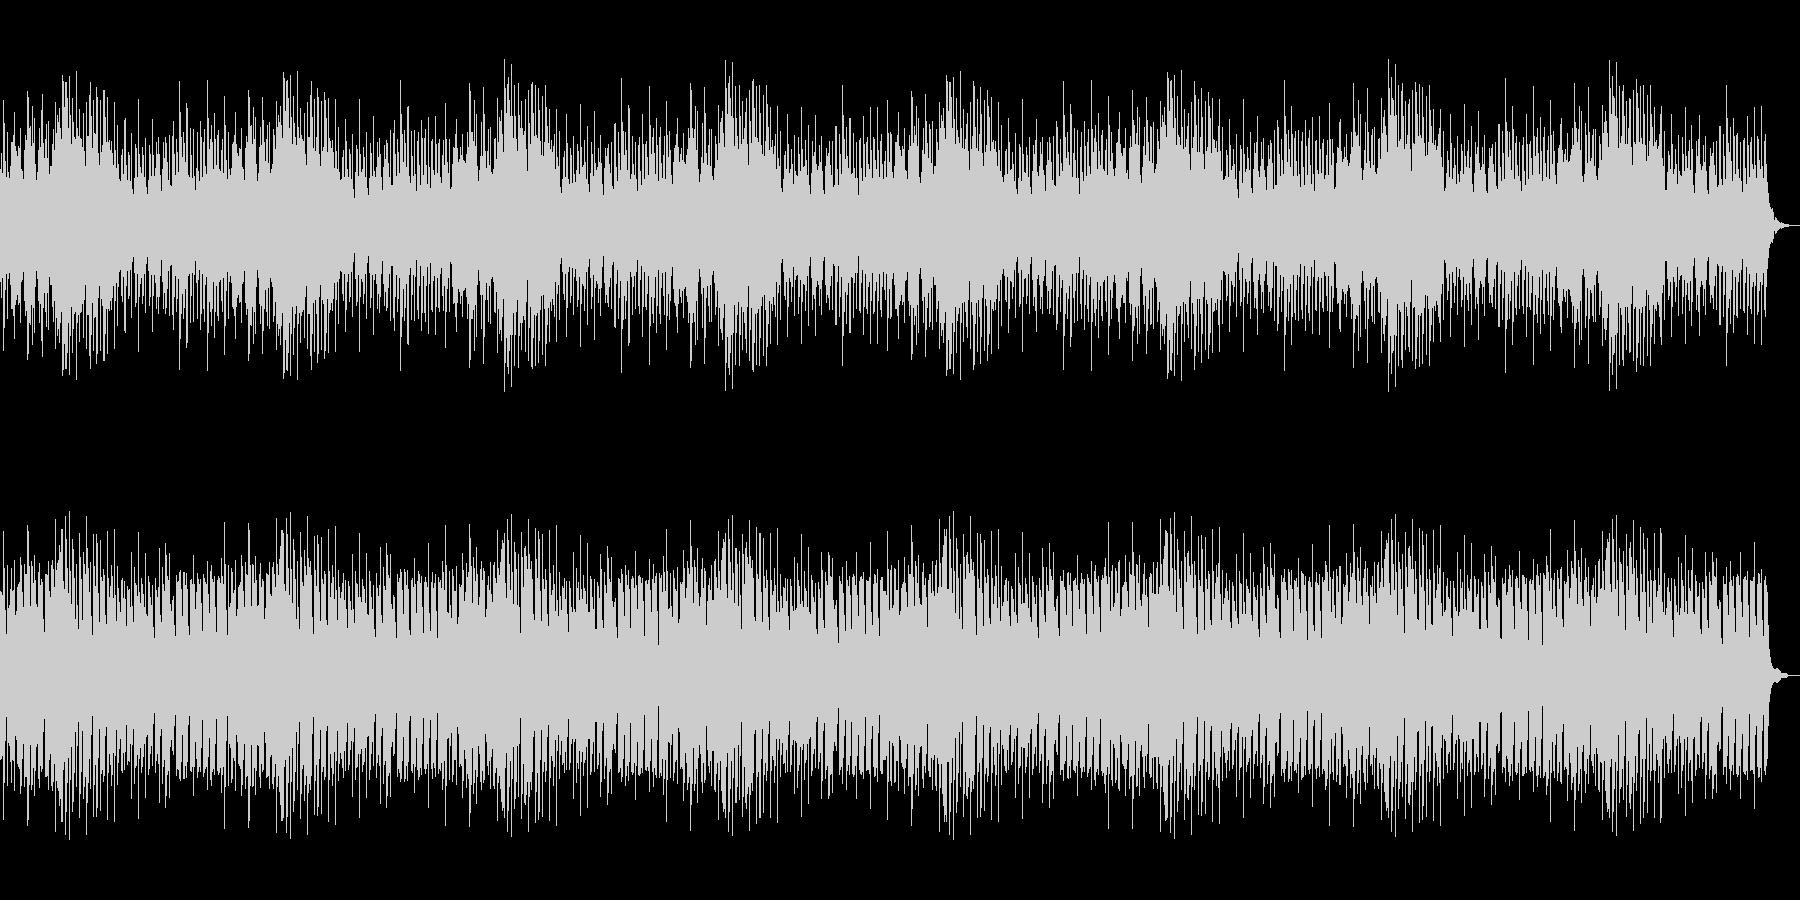 ピアノ主体のホラー向けBGM 恐怖の演出の未再生の波形